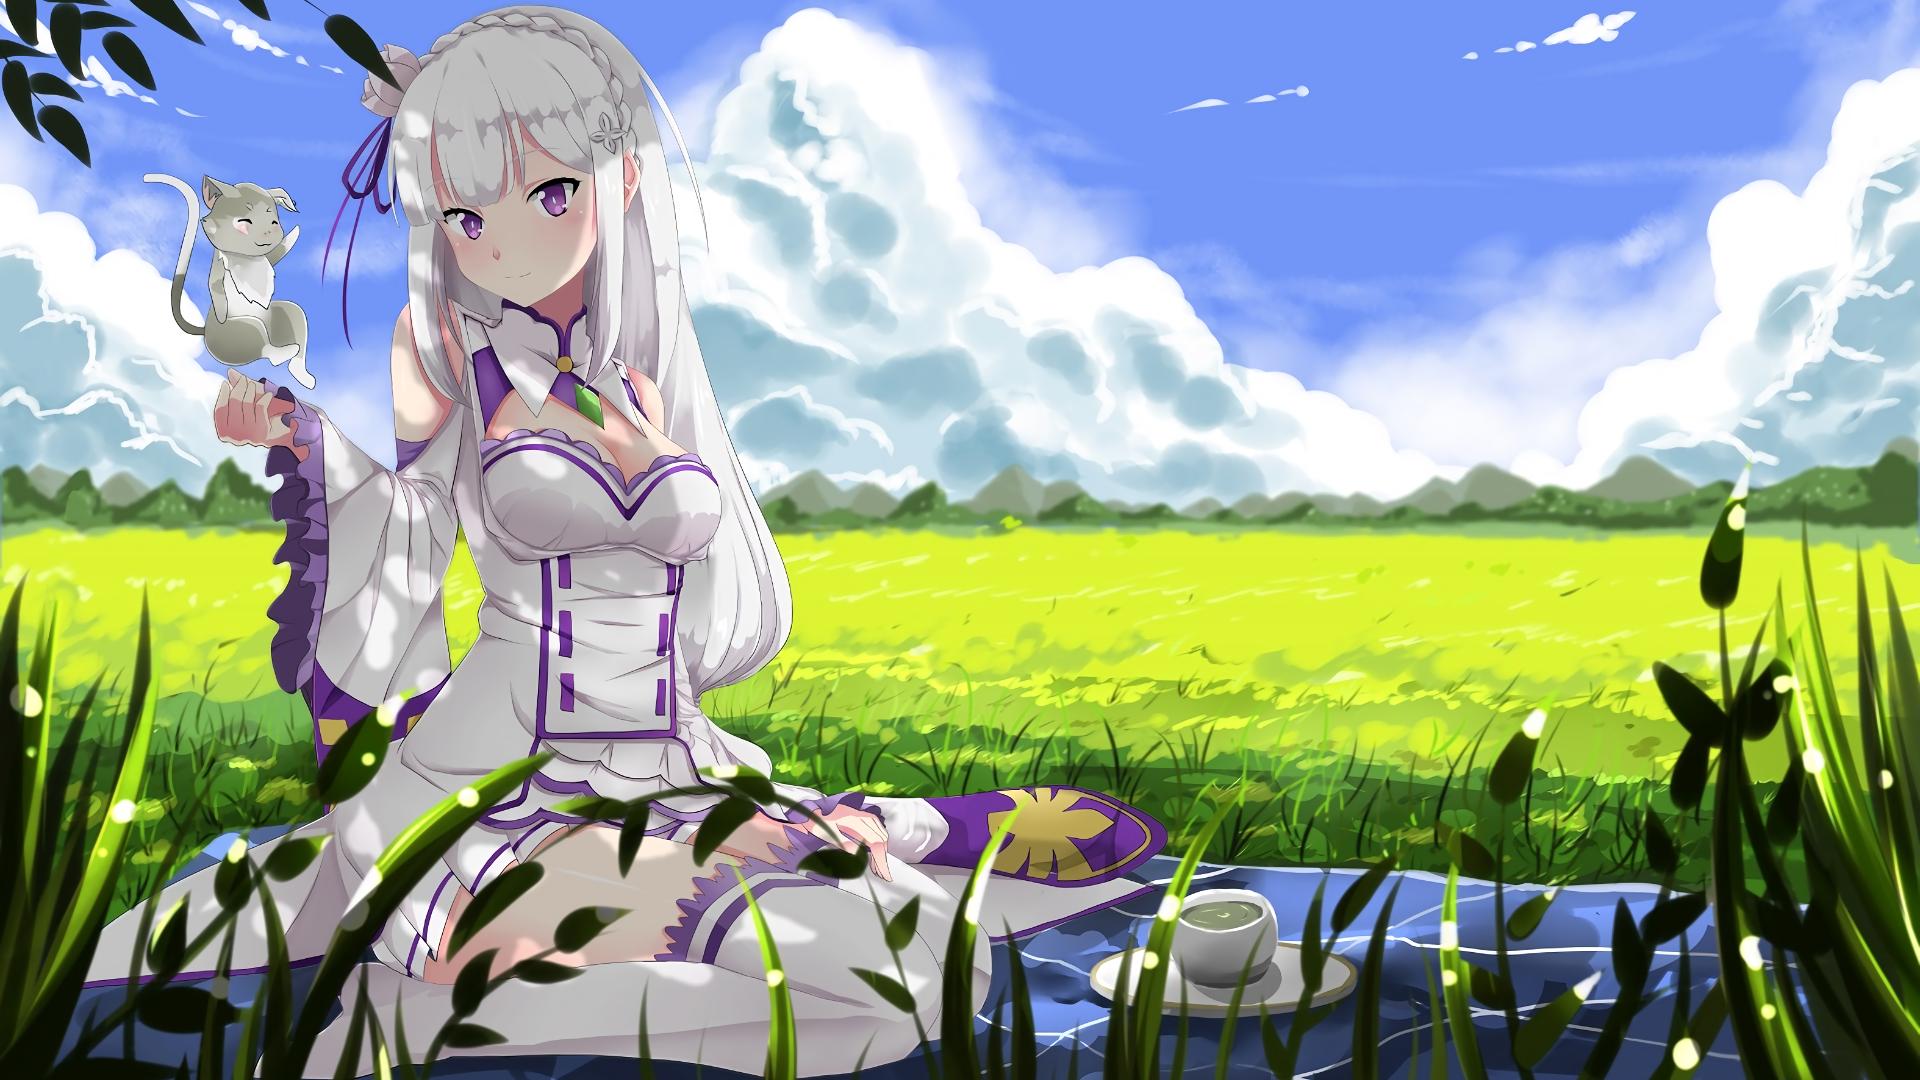 Re:ZERO: Neue Figur von Emilia und Puck vorgestellt